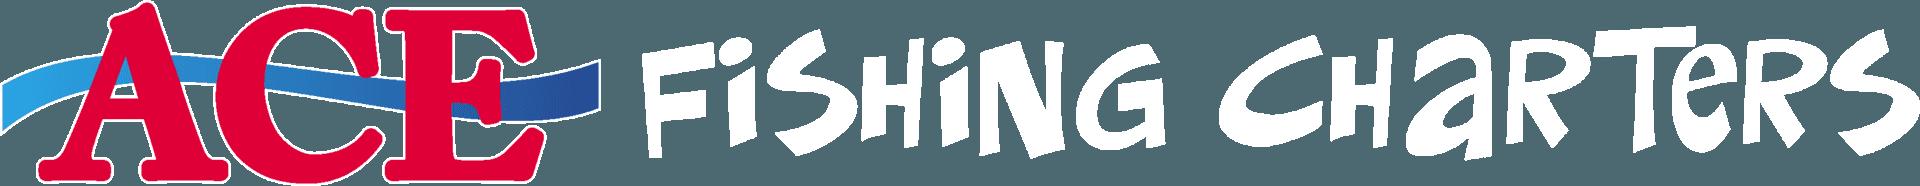 ace fishing charters logo